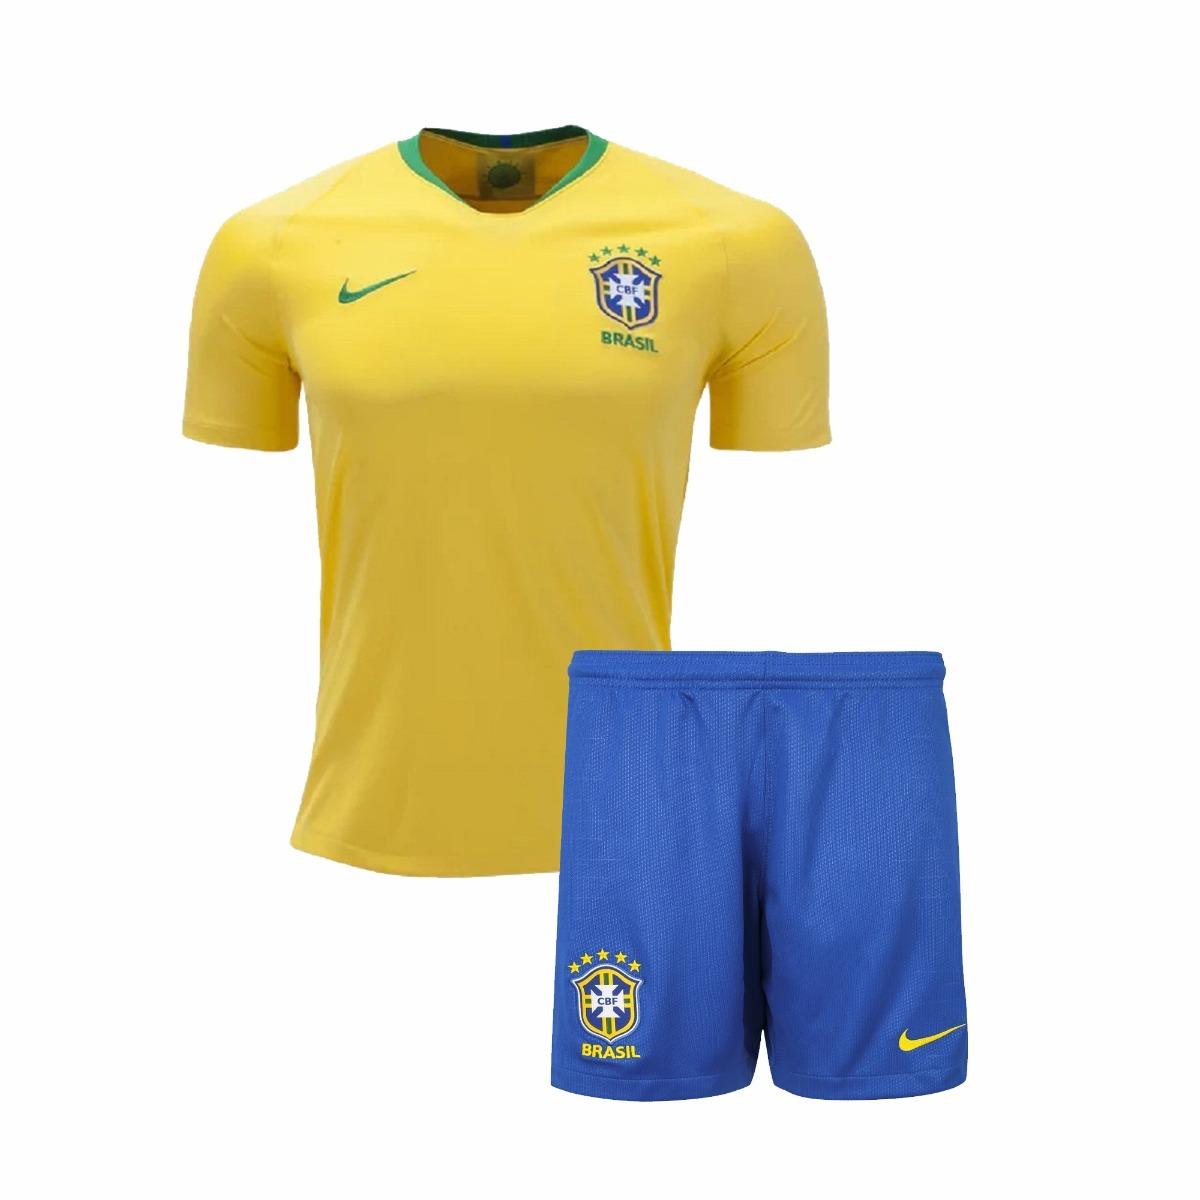 camisa e shorts kit infantil seleção brasil copa 2018. Carregando zoom. 4a6531571abe1